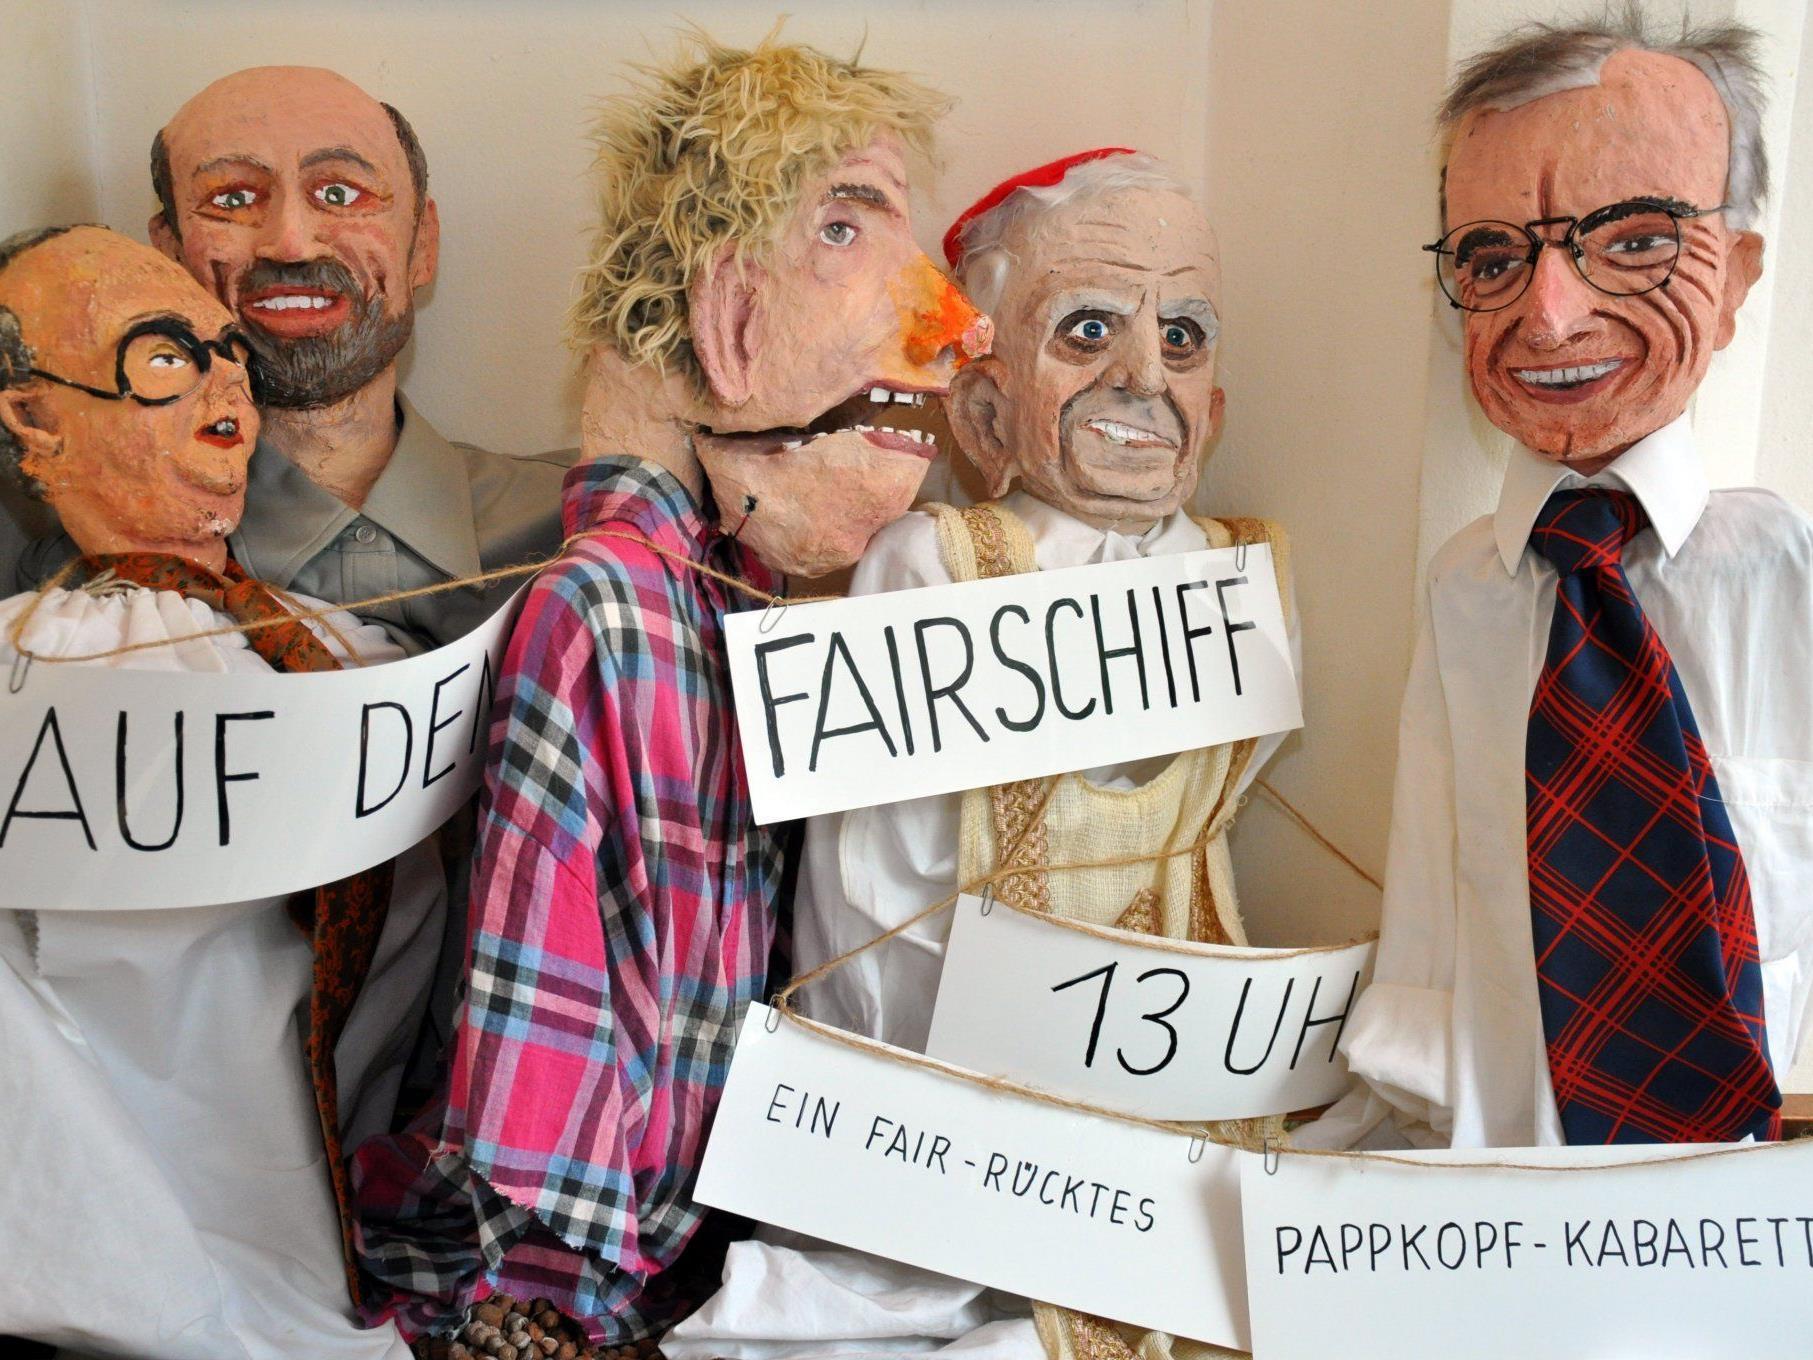 Großen Anklang fand das fair-rückte Pappkopf-Kabarett.